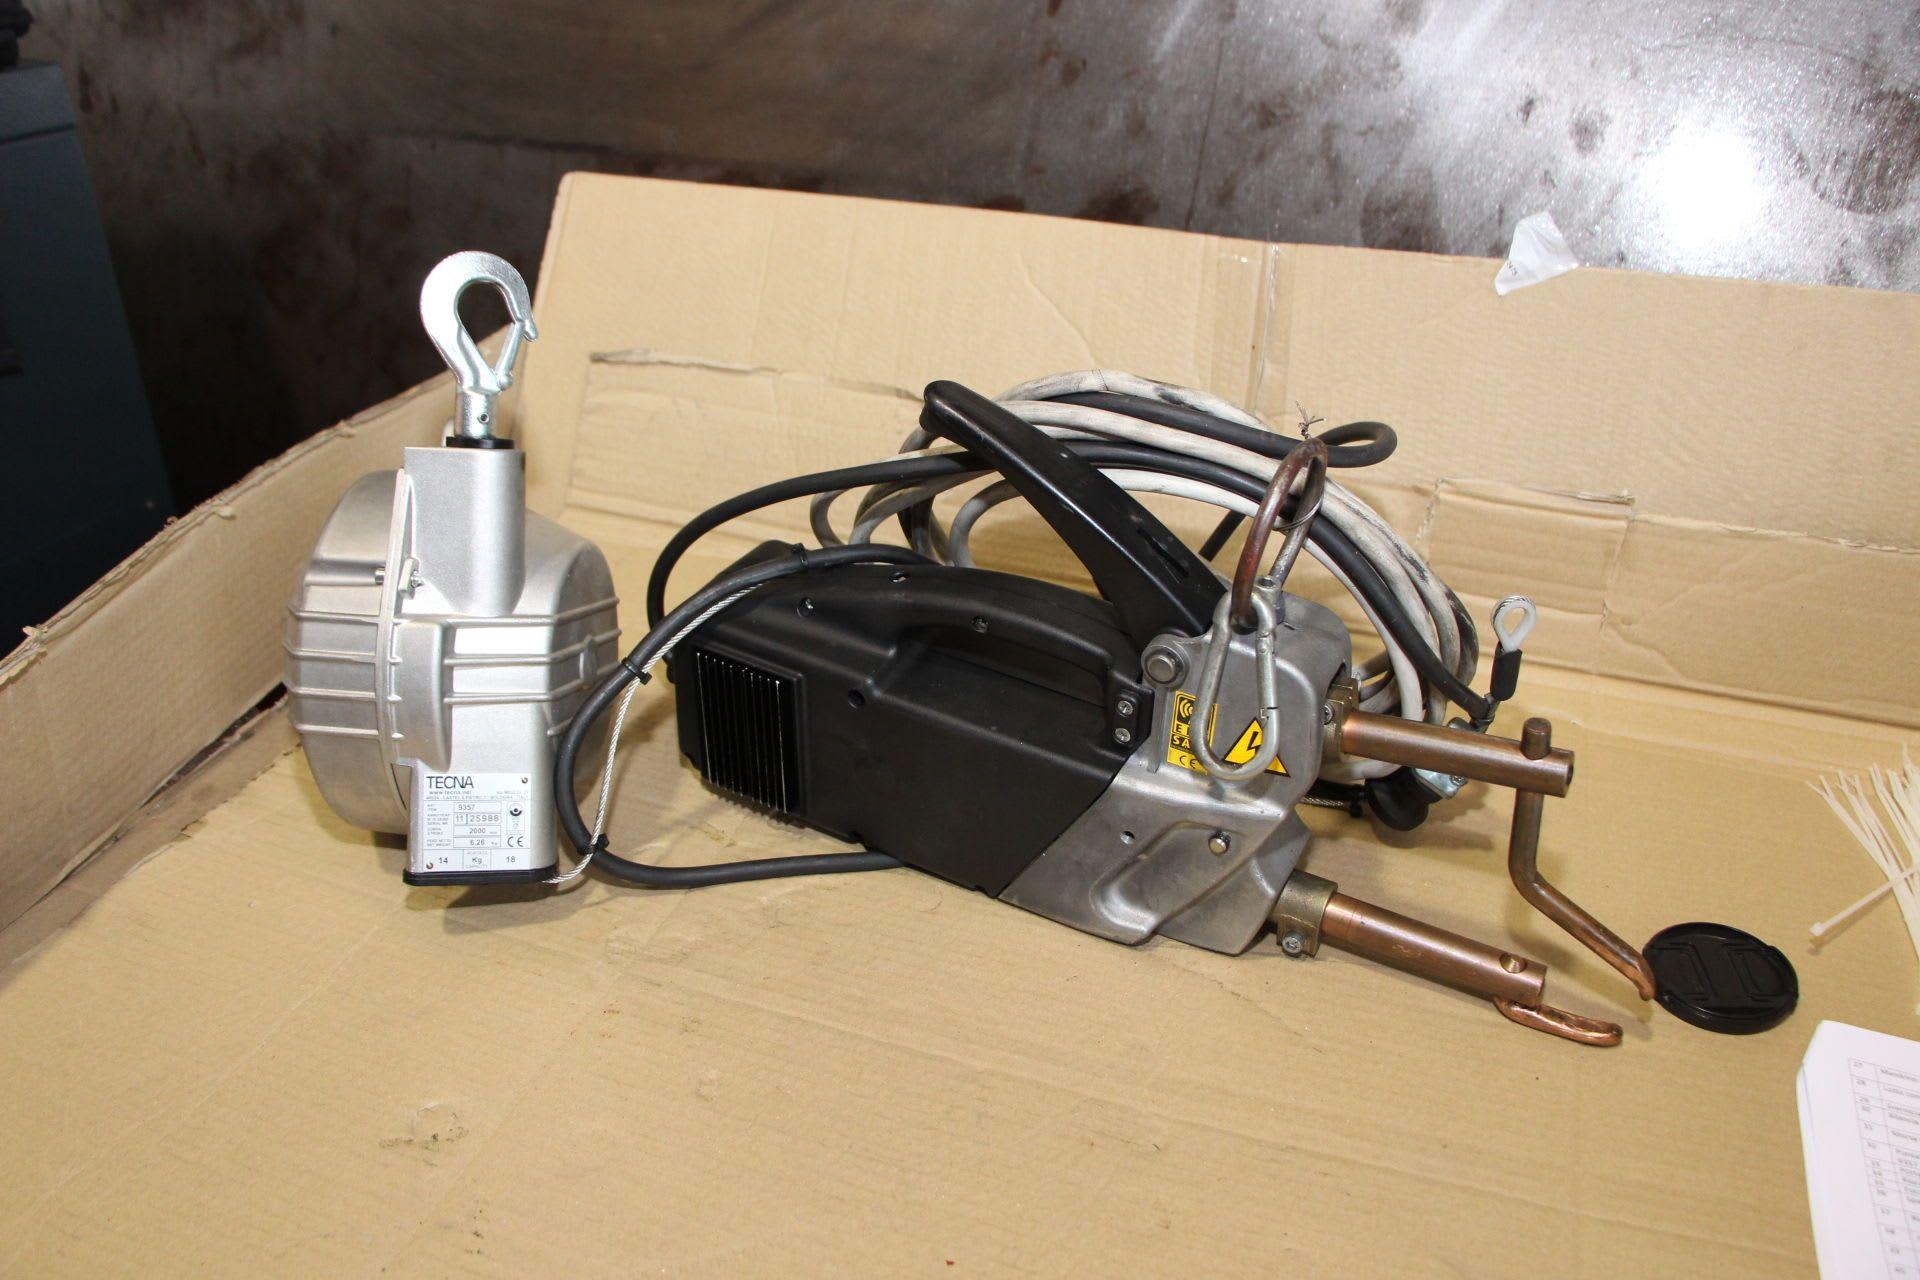 TELWIN MODULAR 20 TI 120 Tragbares Punktschweißgerät mit Ausgleichsvorrichtung (Balancer)